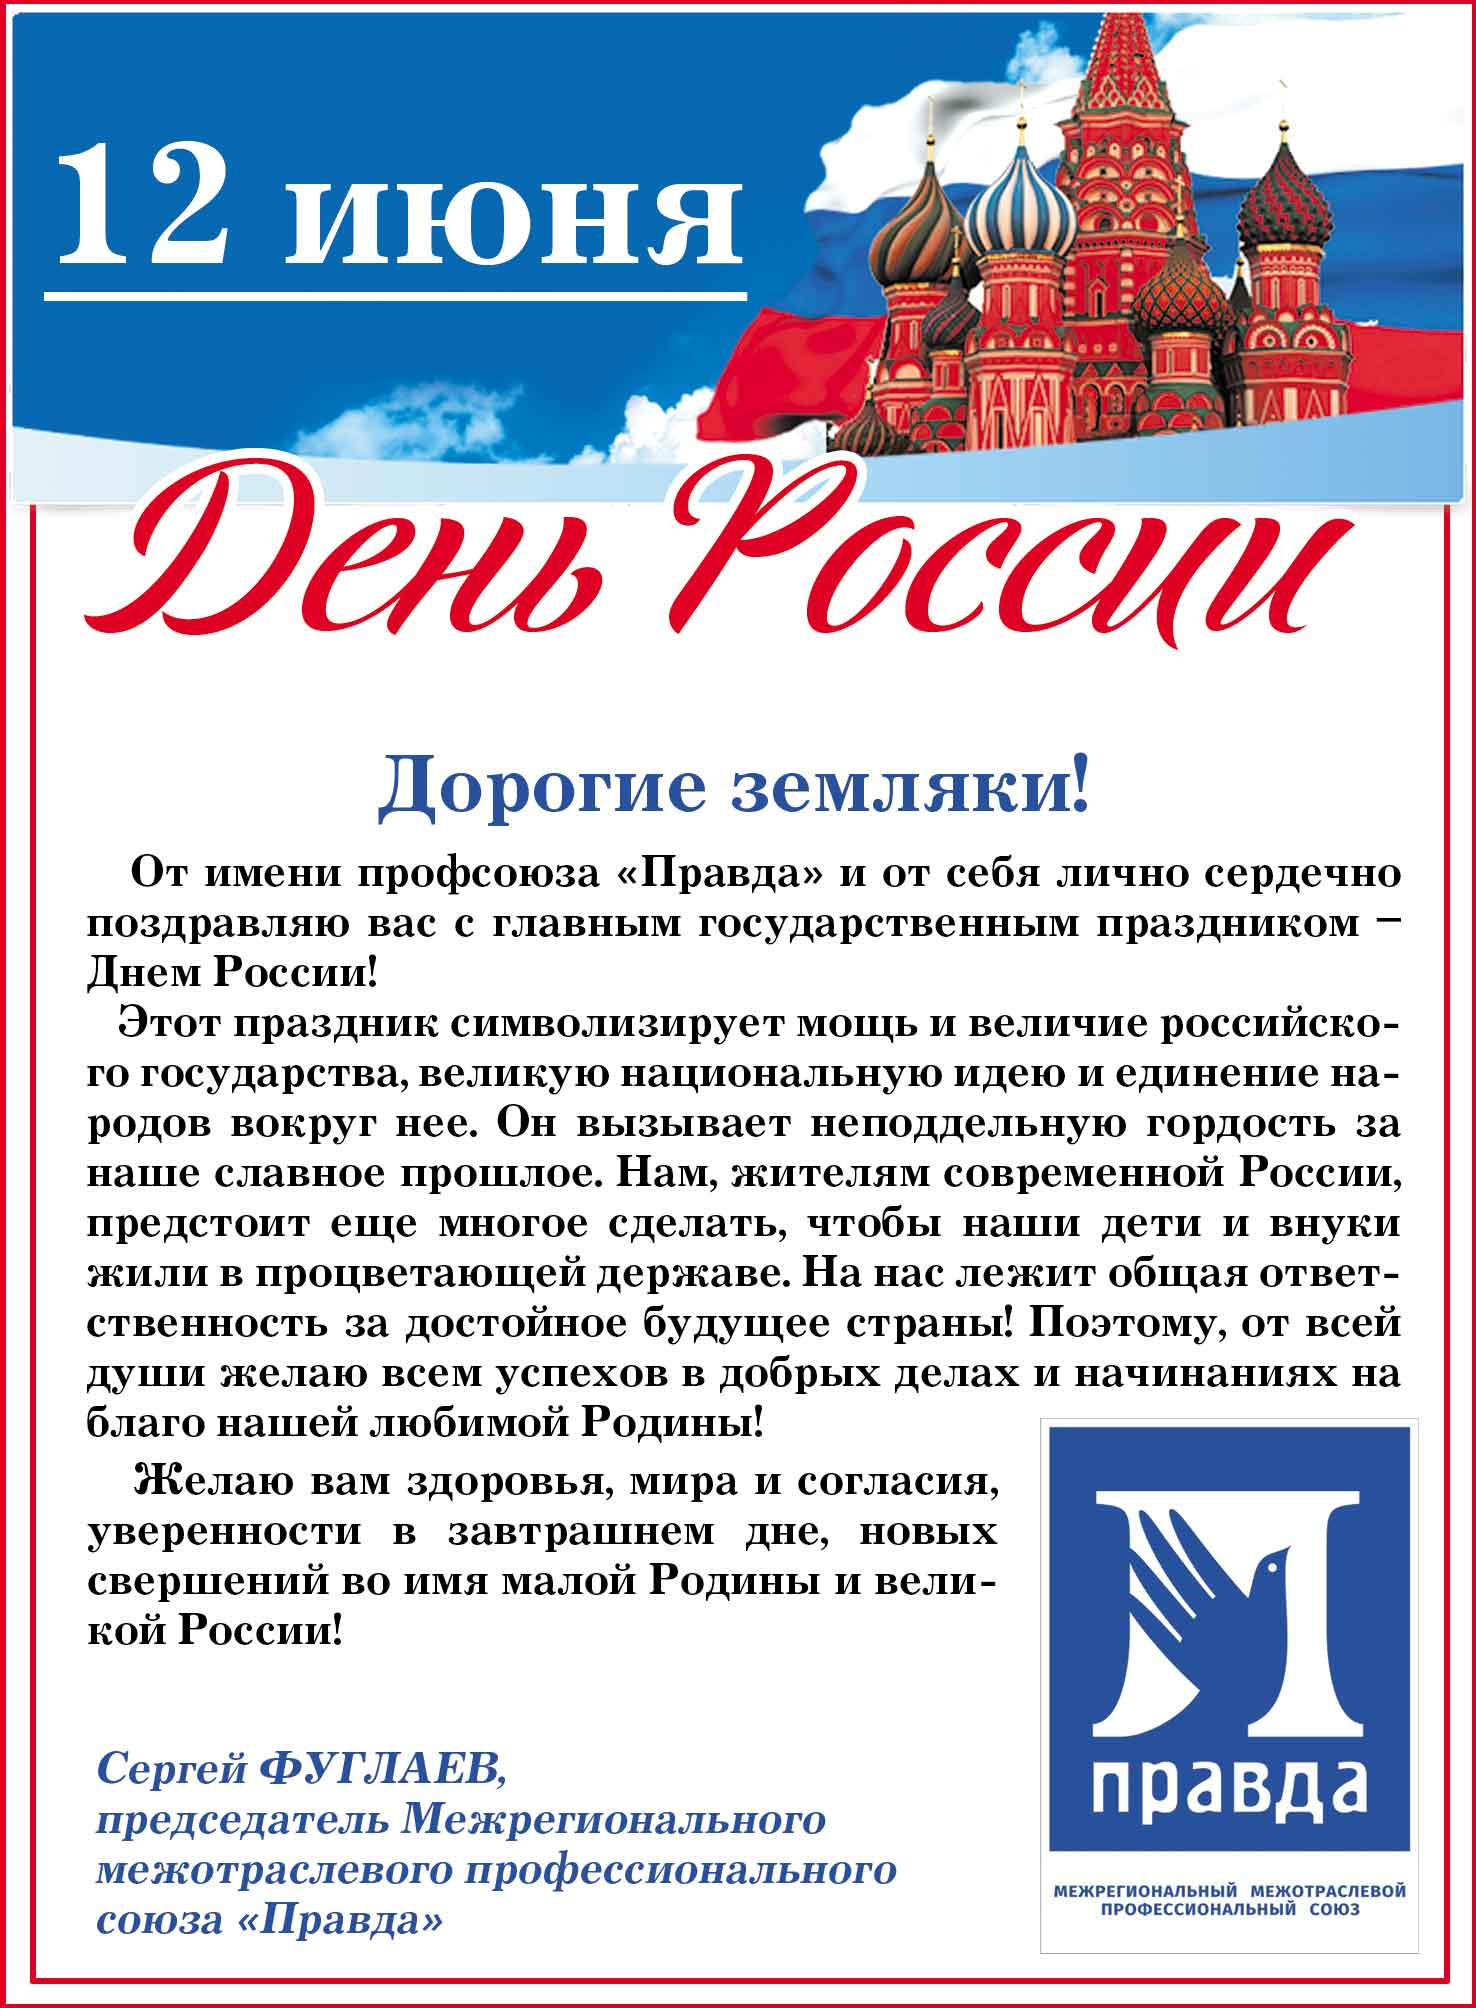 Официальное поздравление с 12 июня днем россии